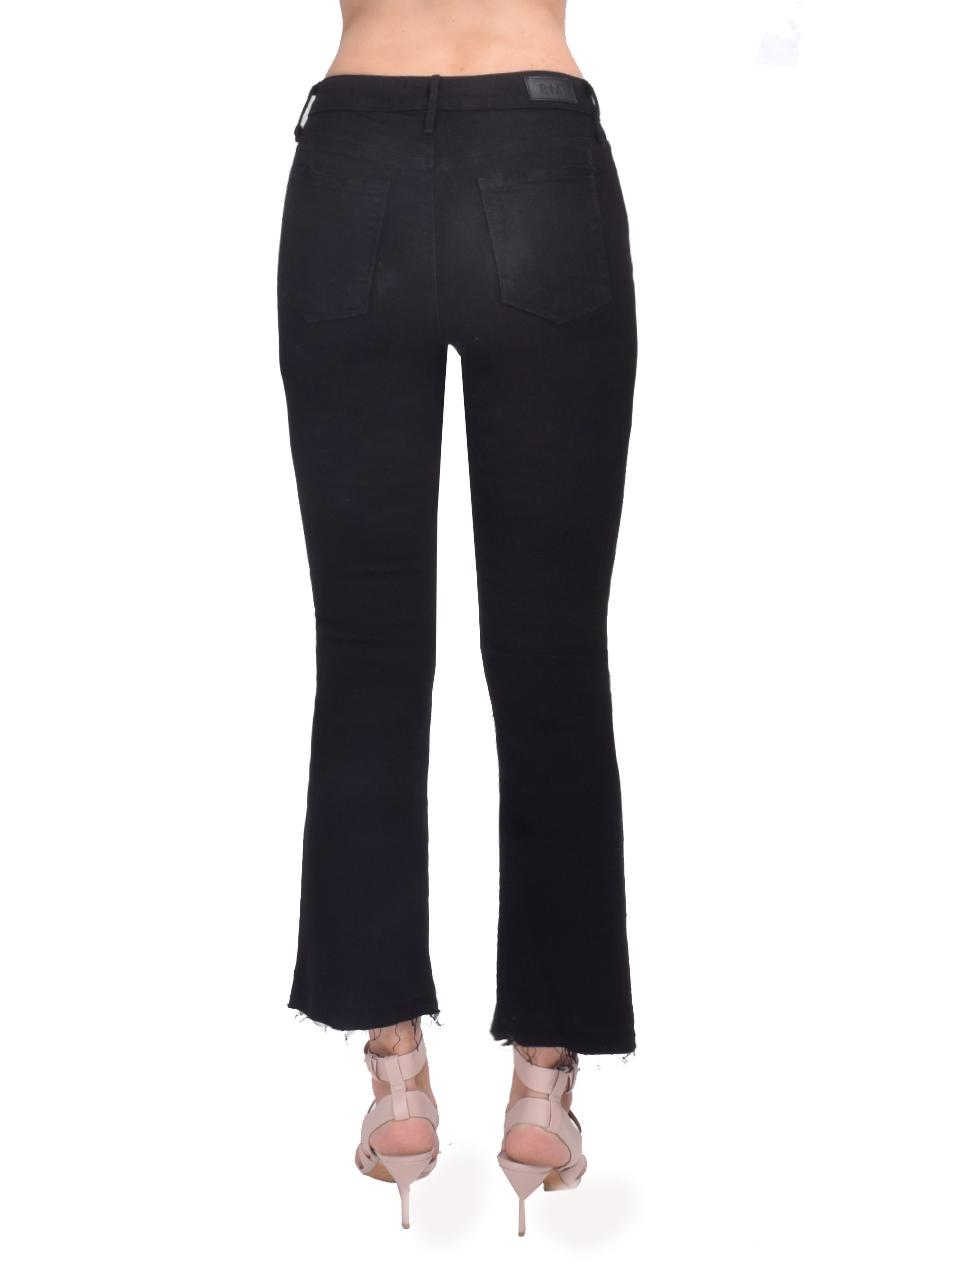 RtA Brandi Jeans in Max Black Back View